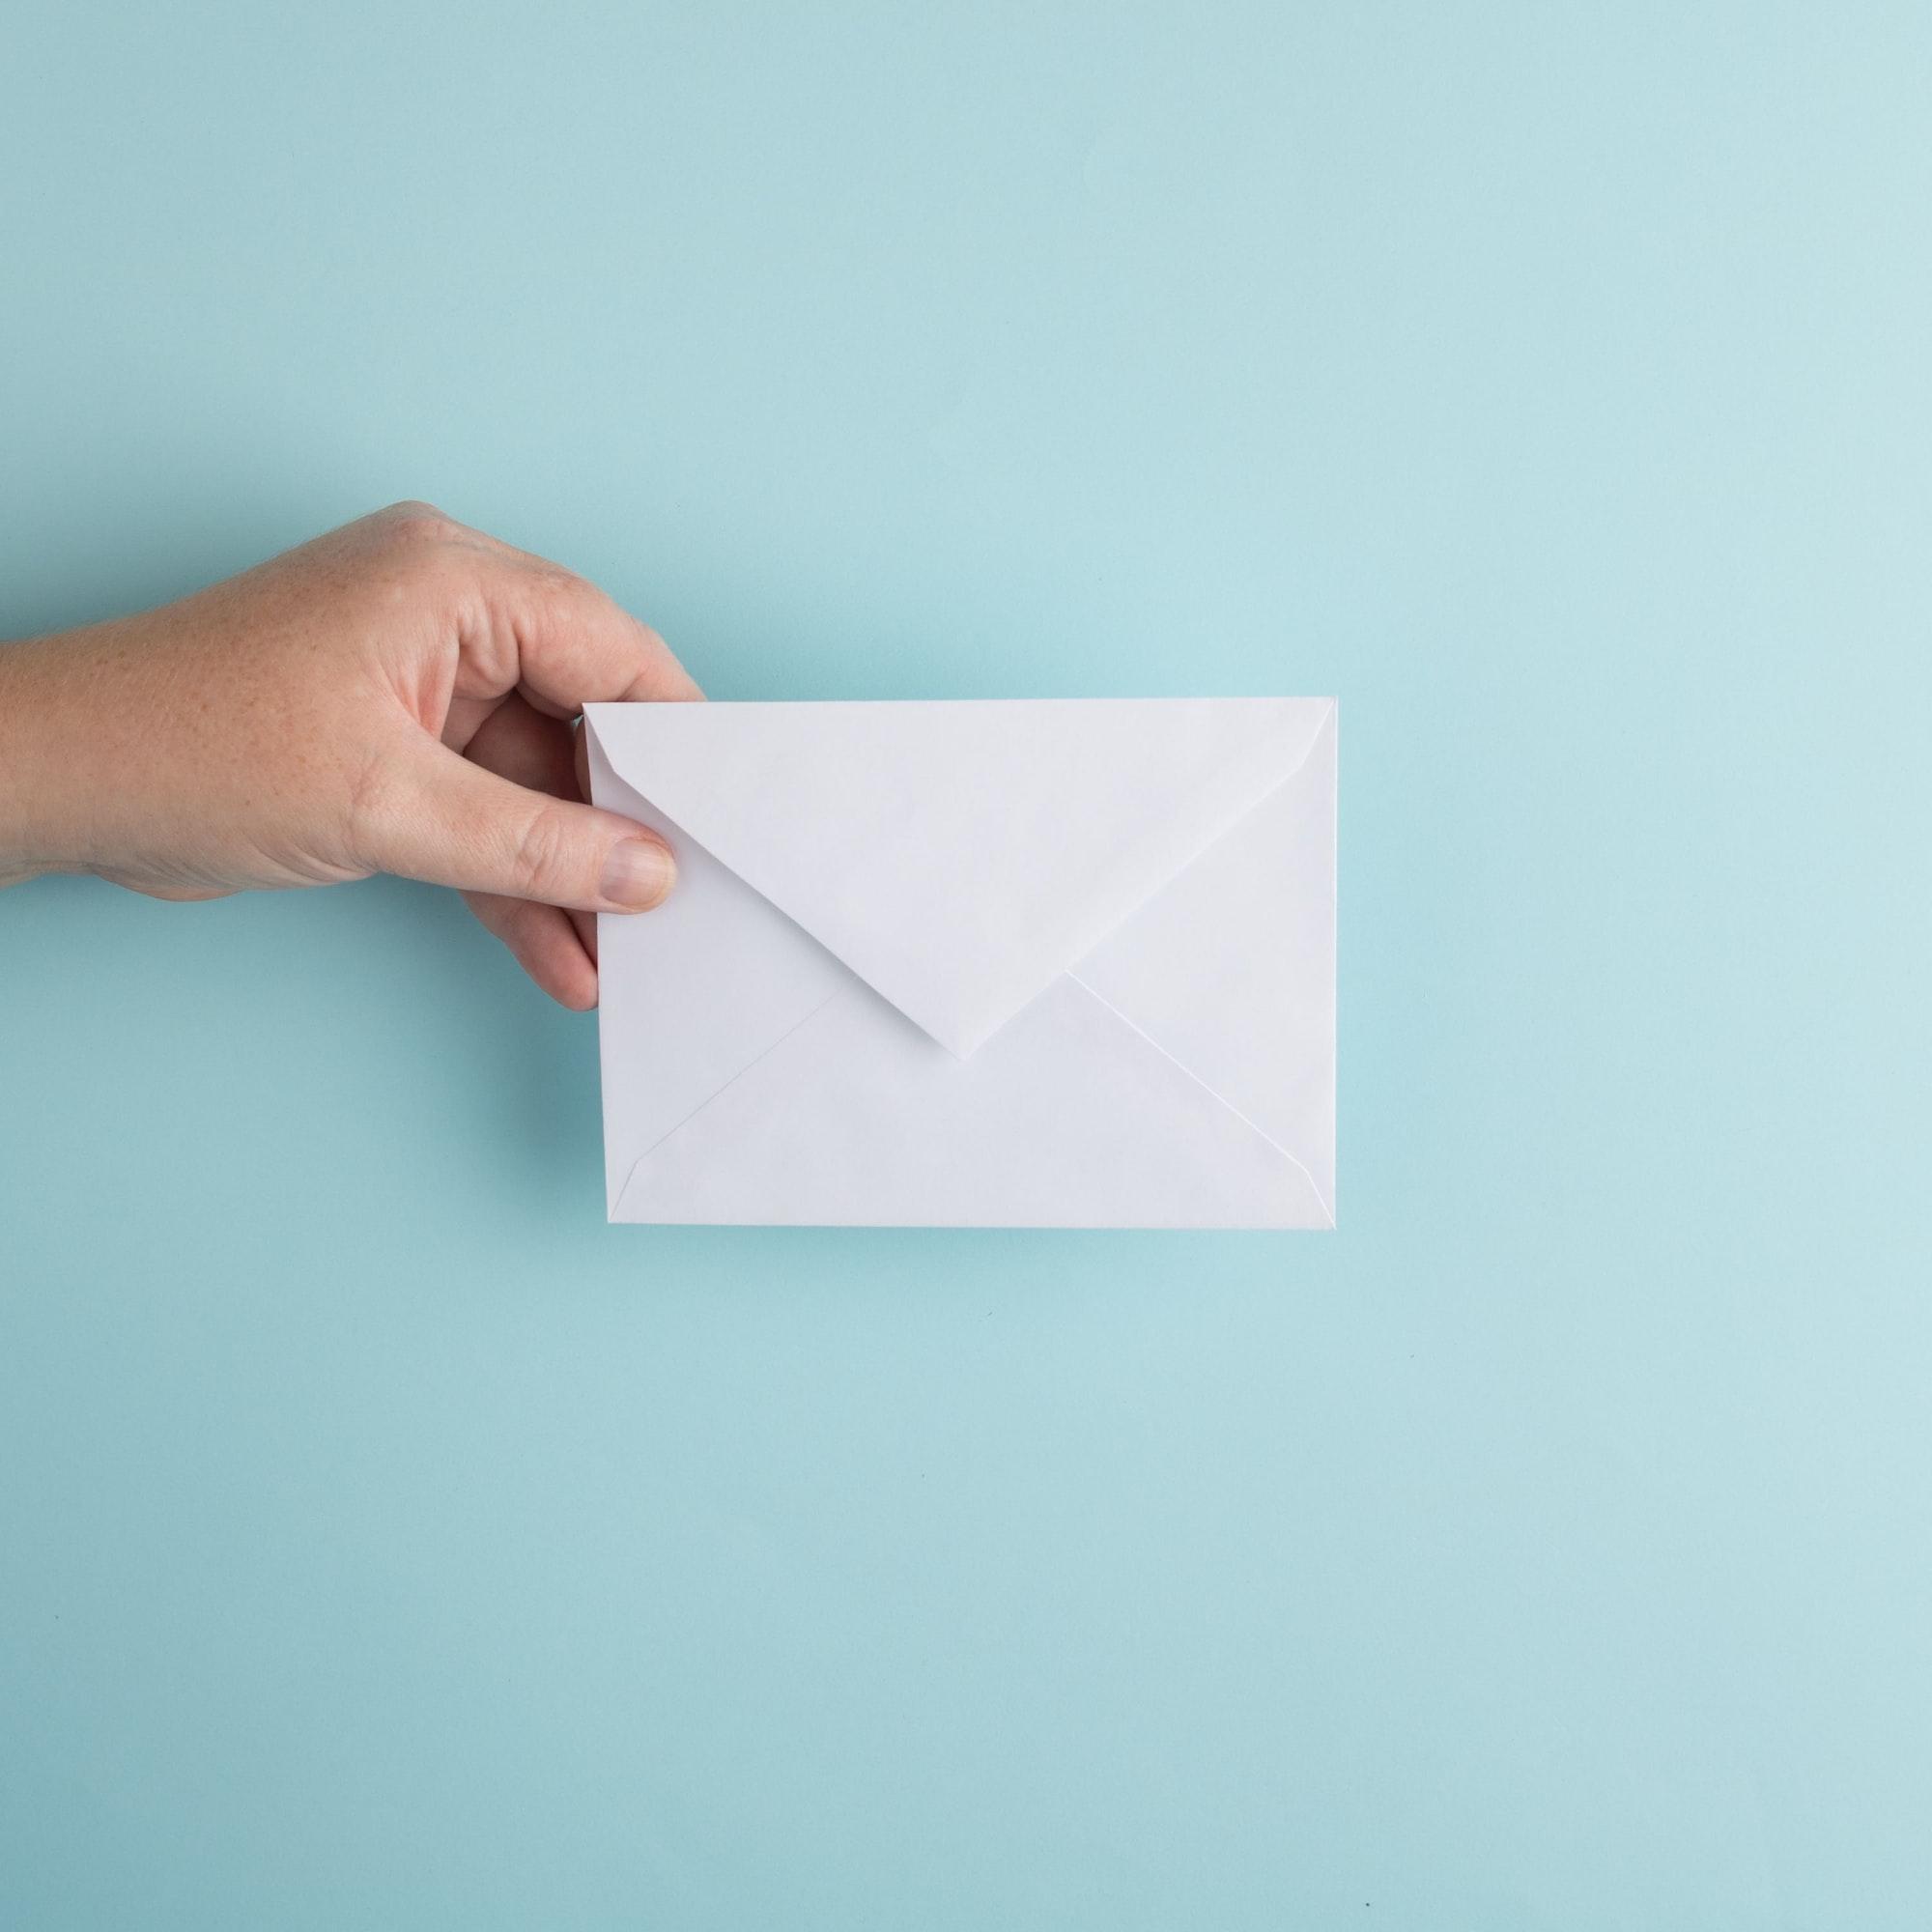 [Word] 合并列印 Mail Merge